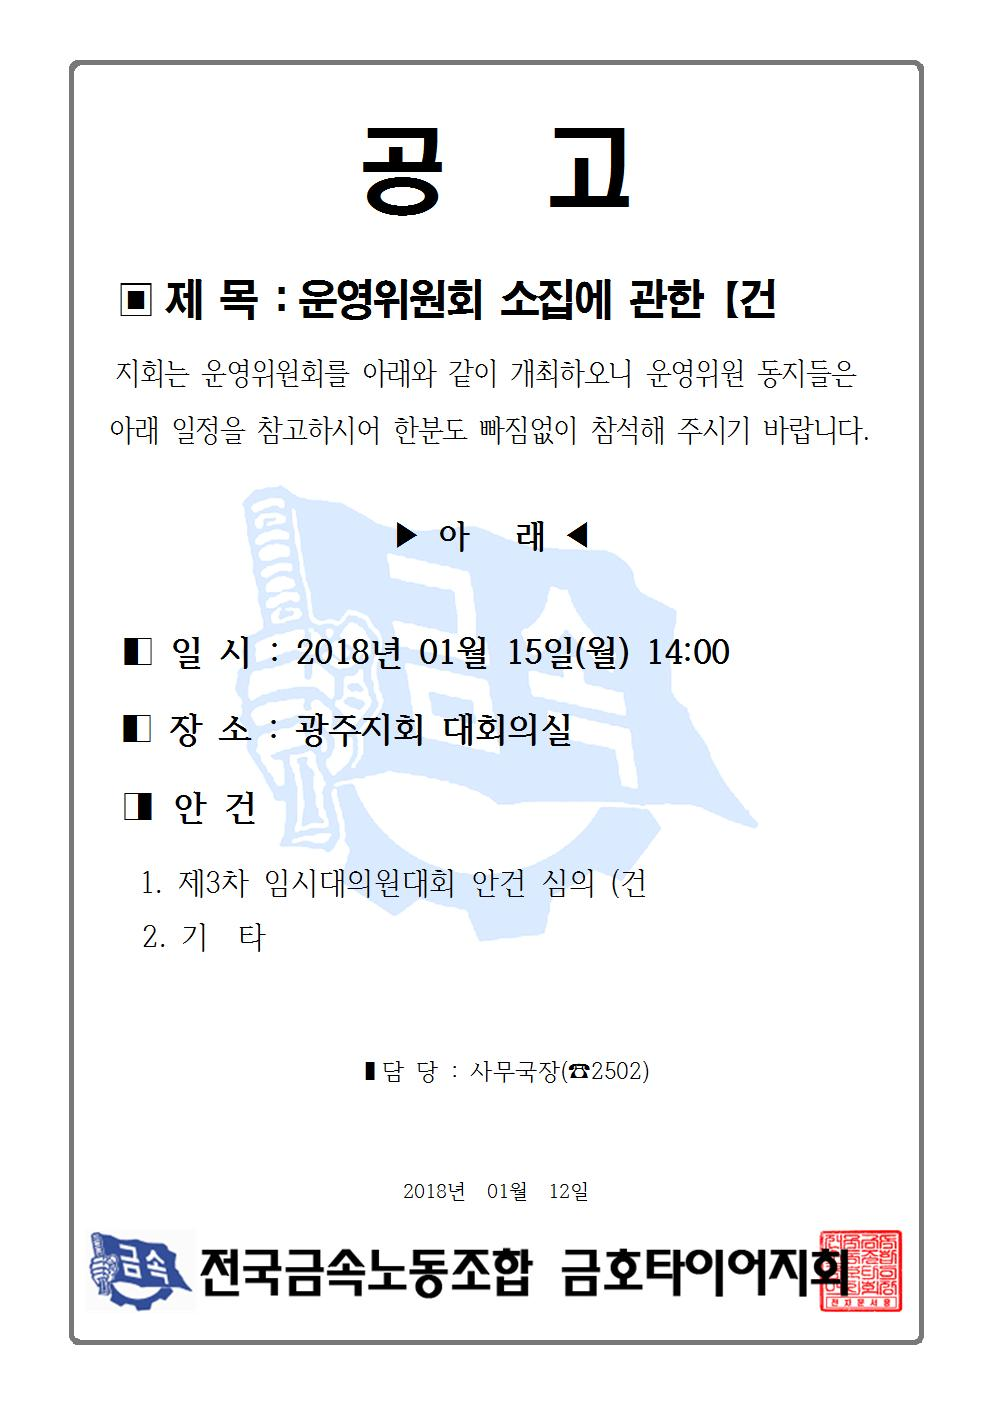 운영위원회 소집 공고001.jpg